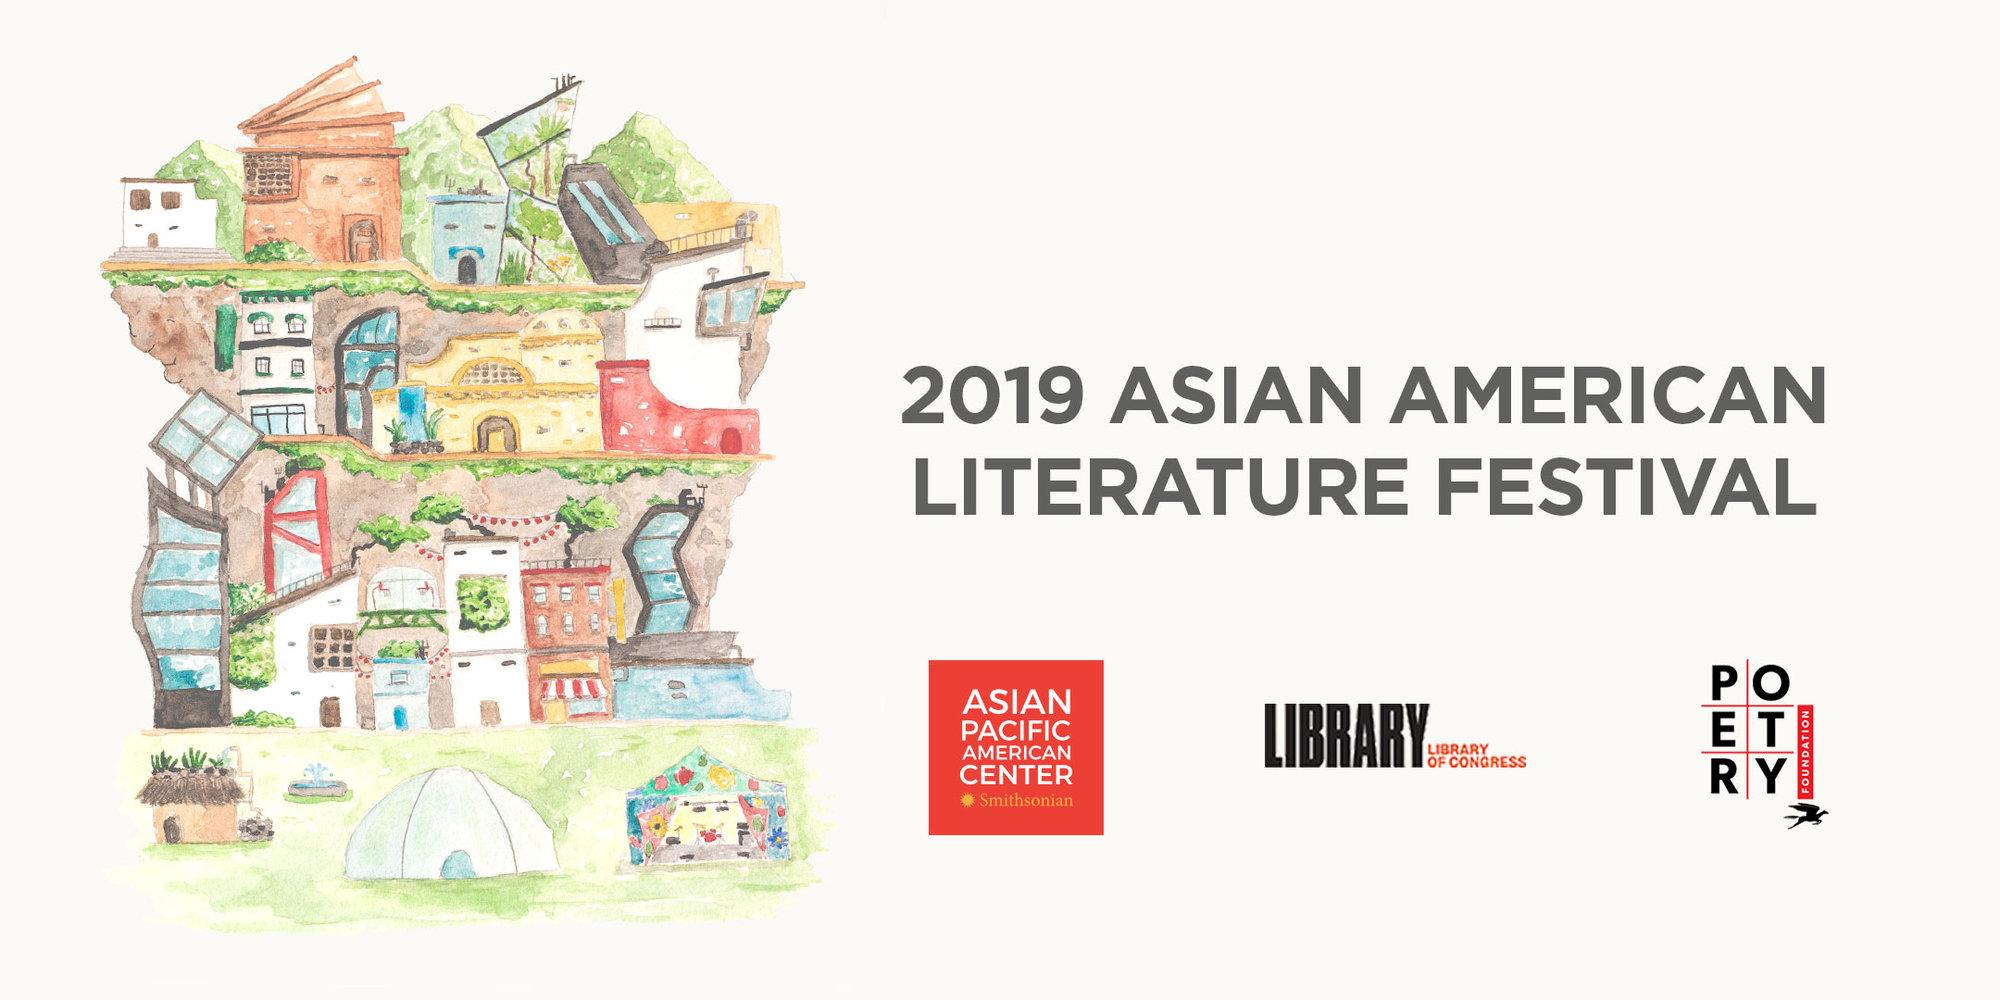 2019 Asian American Literature Festival